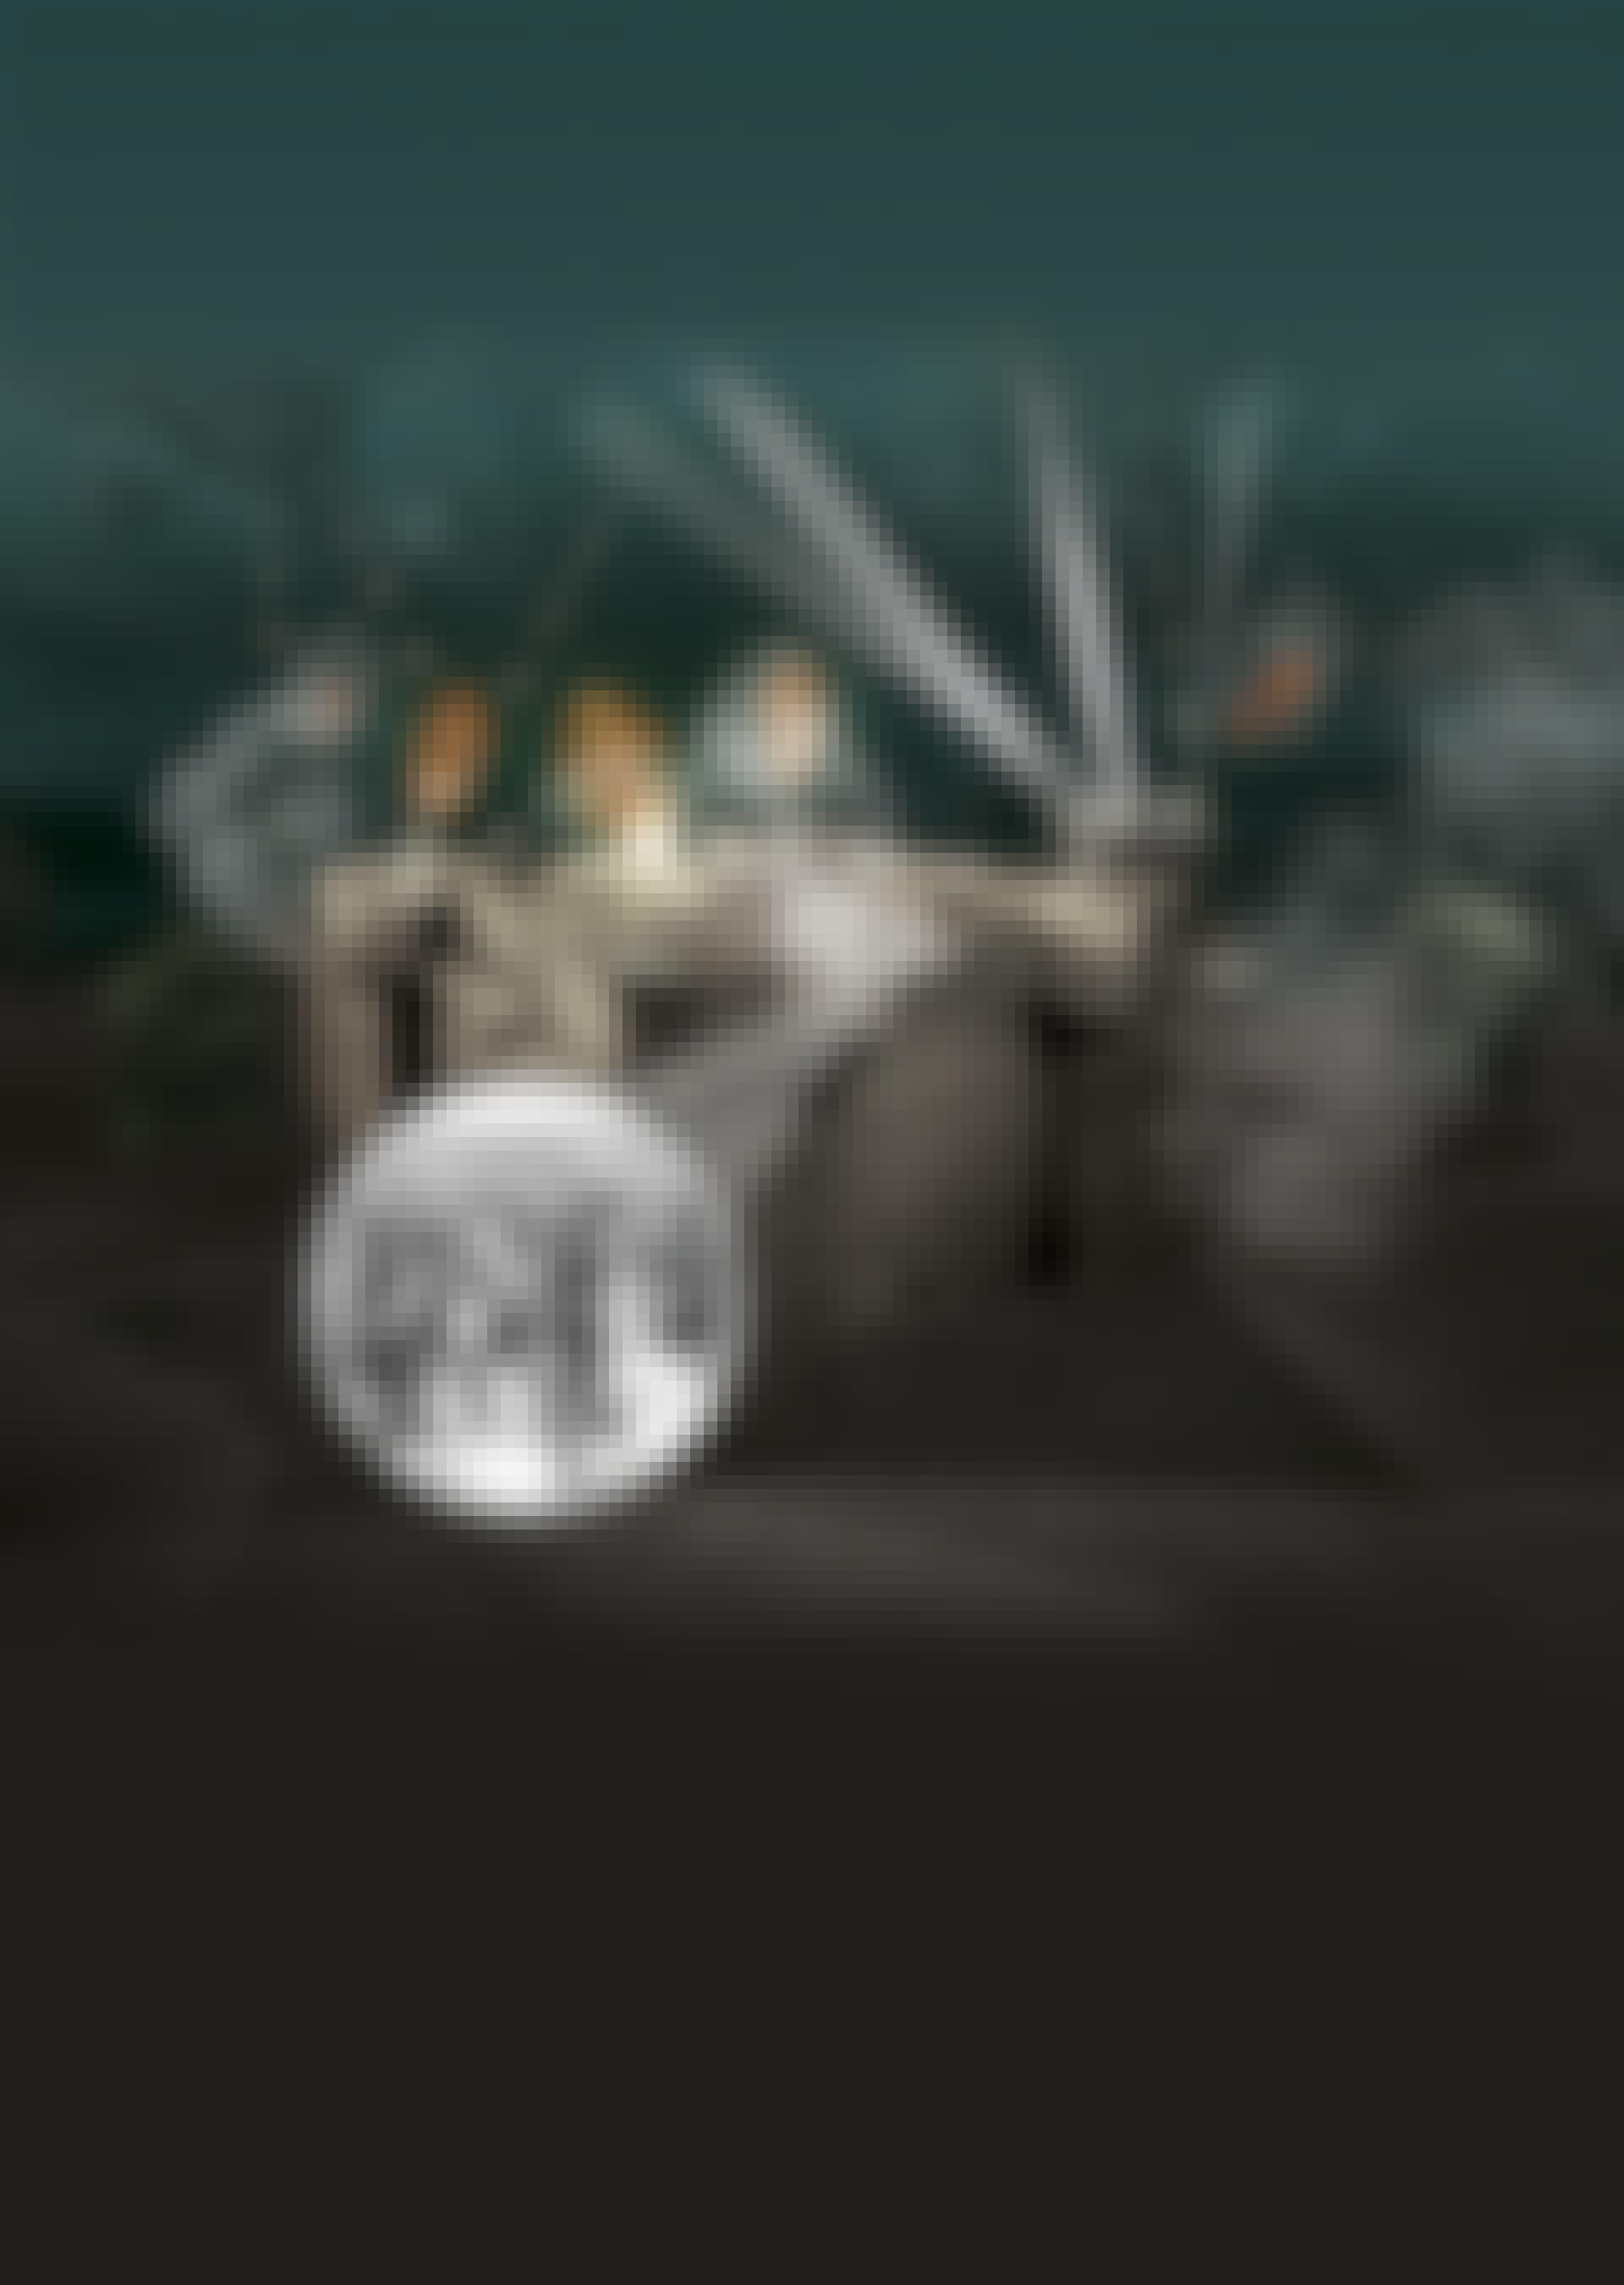 soldaten flaktoren